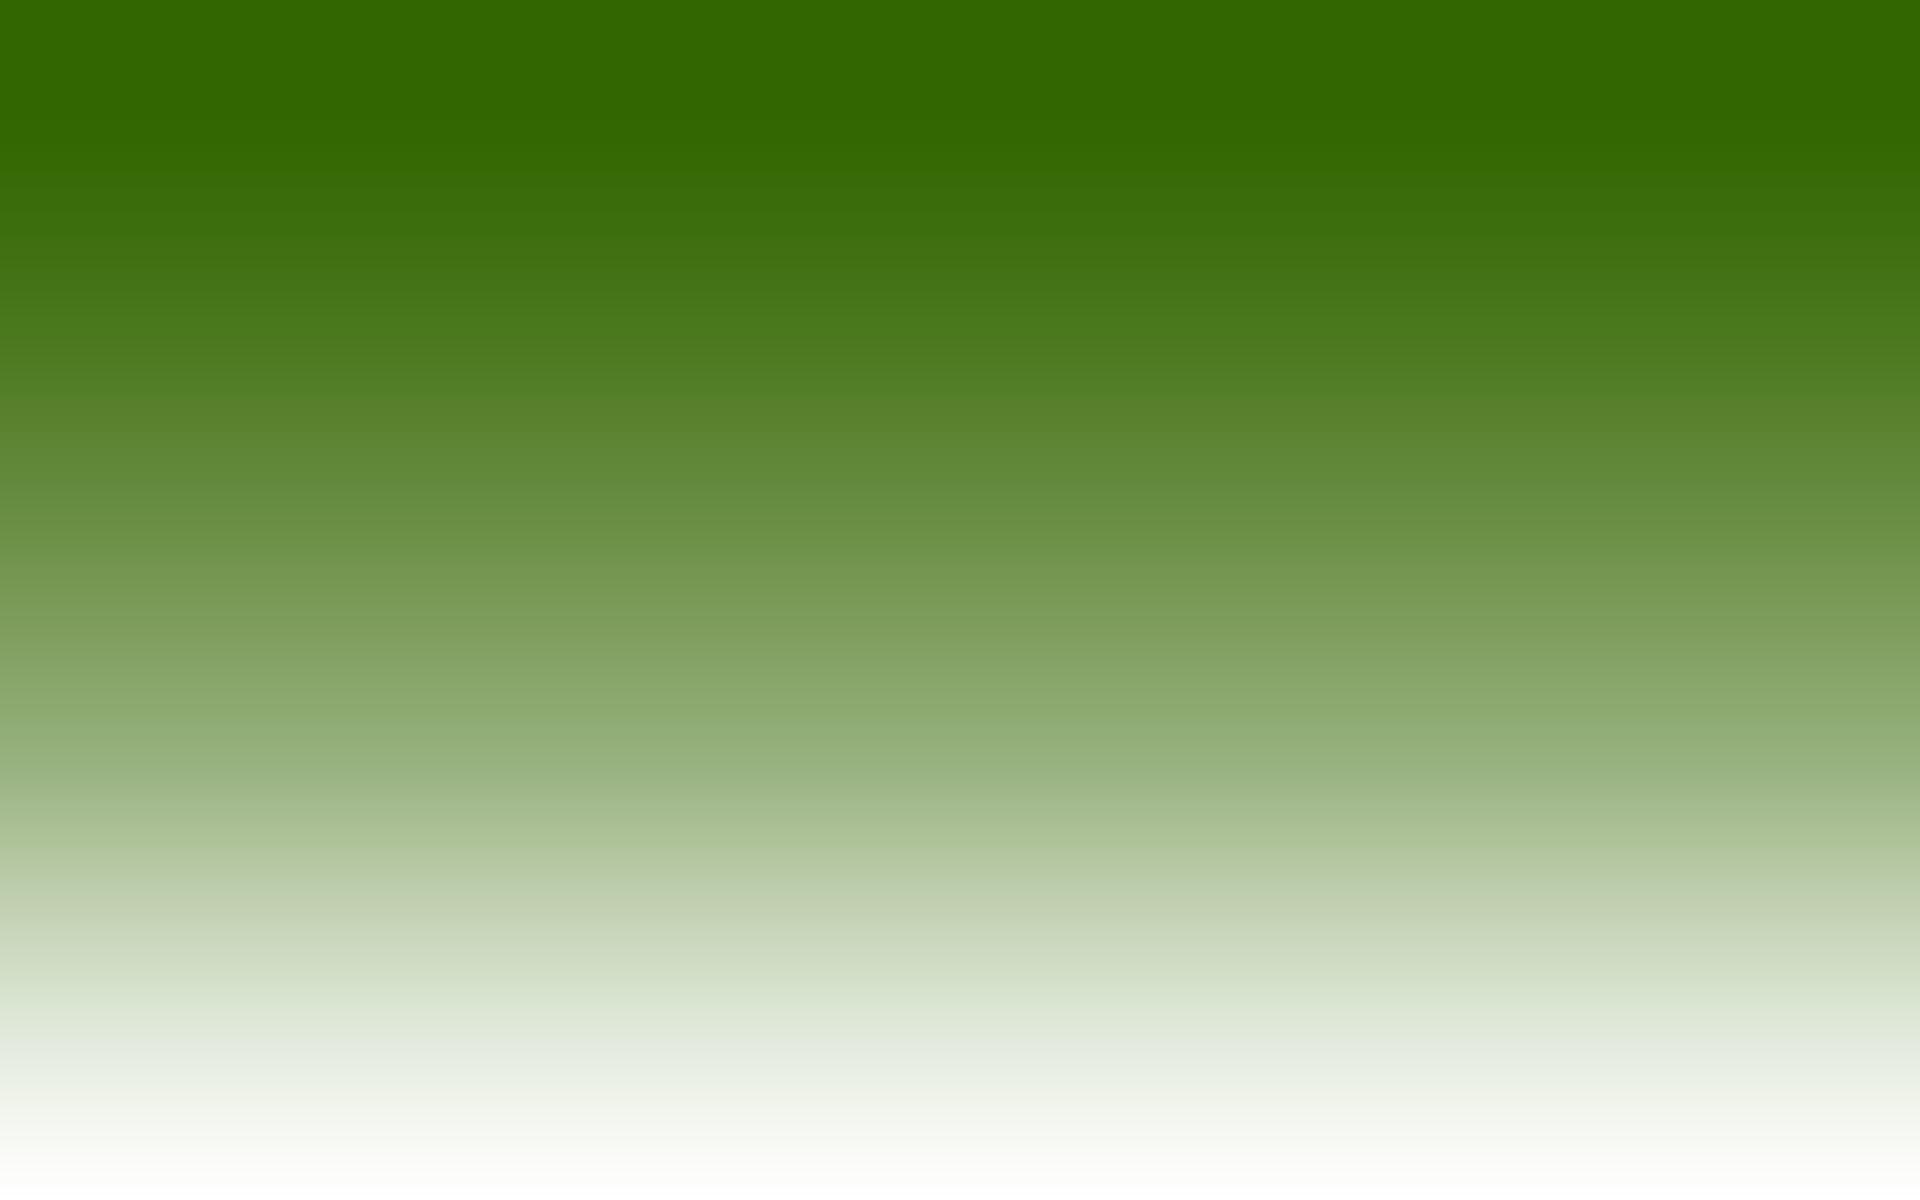 Bmw Wallpaper Iphone X Sfondi Colorati Sfumati 41 Immagini